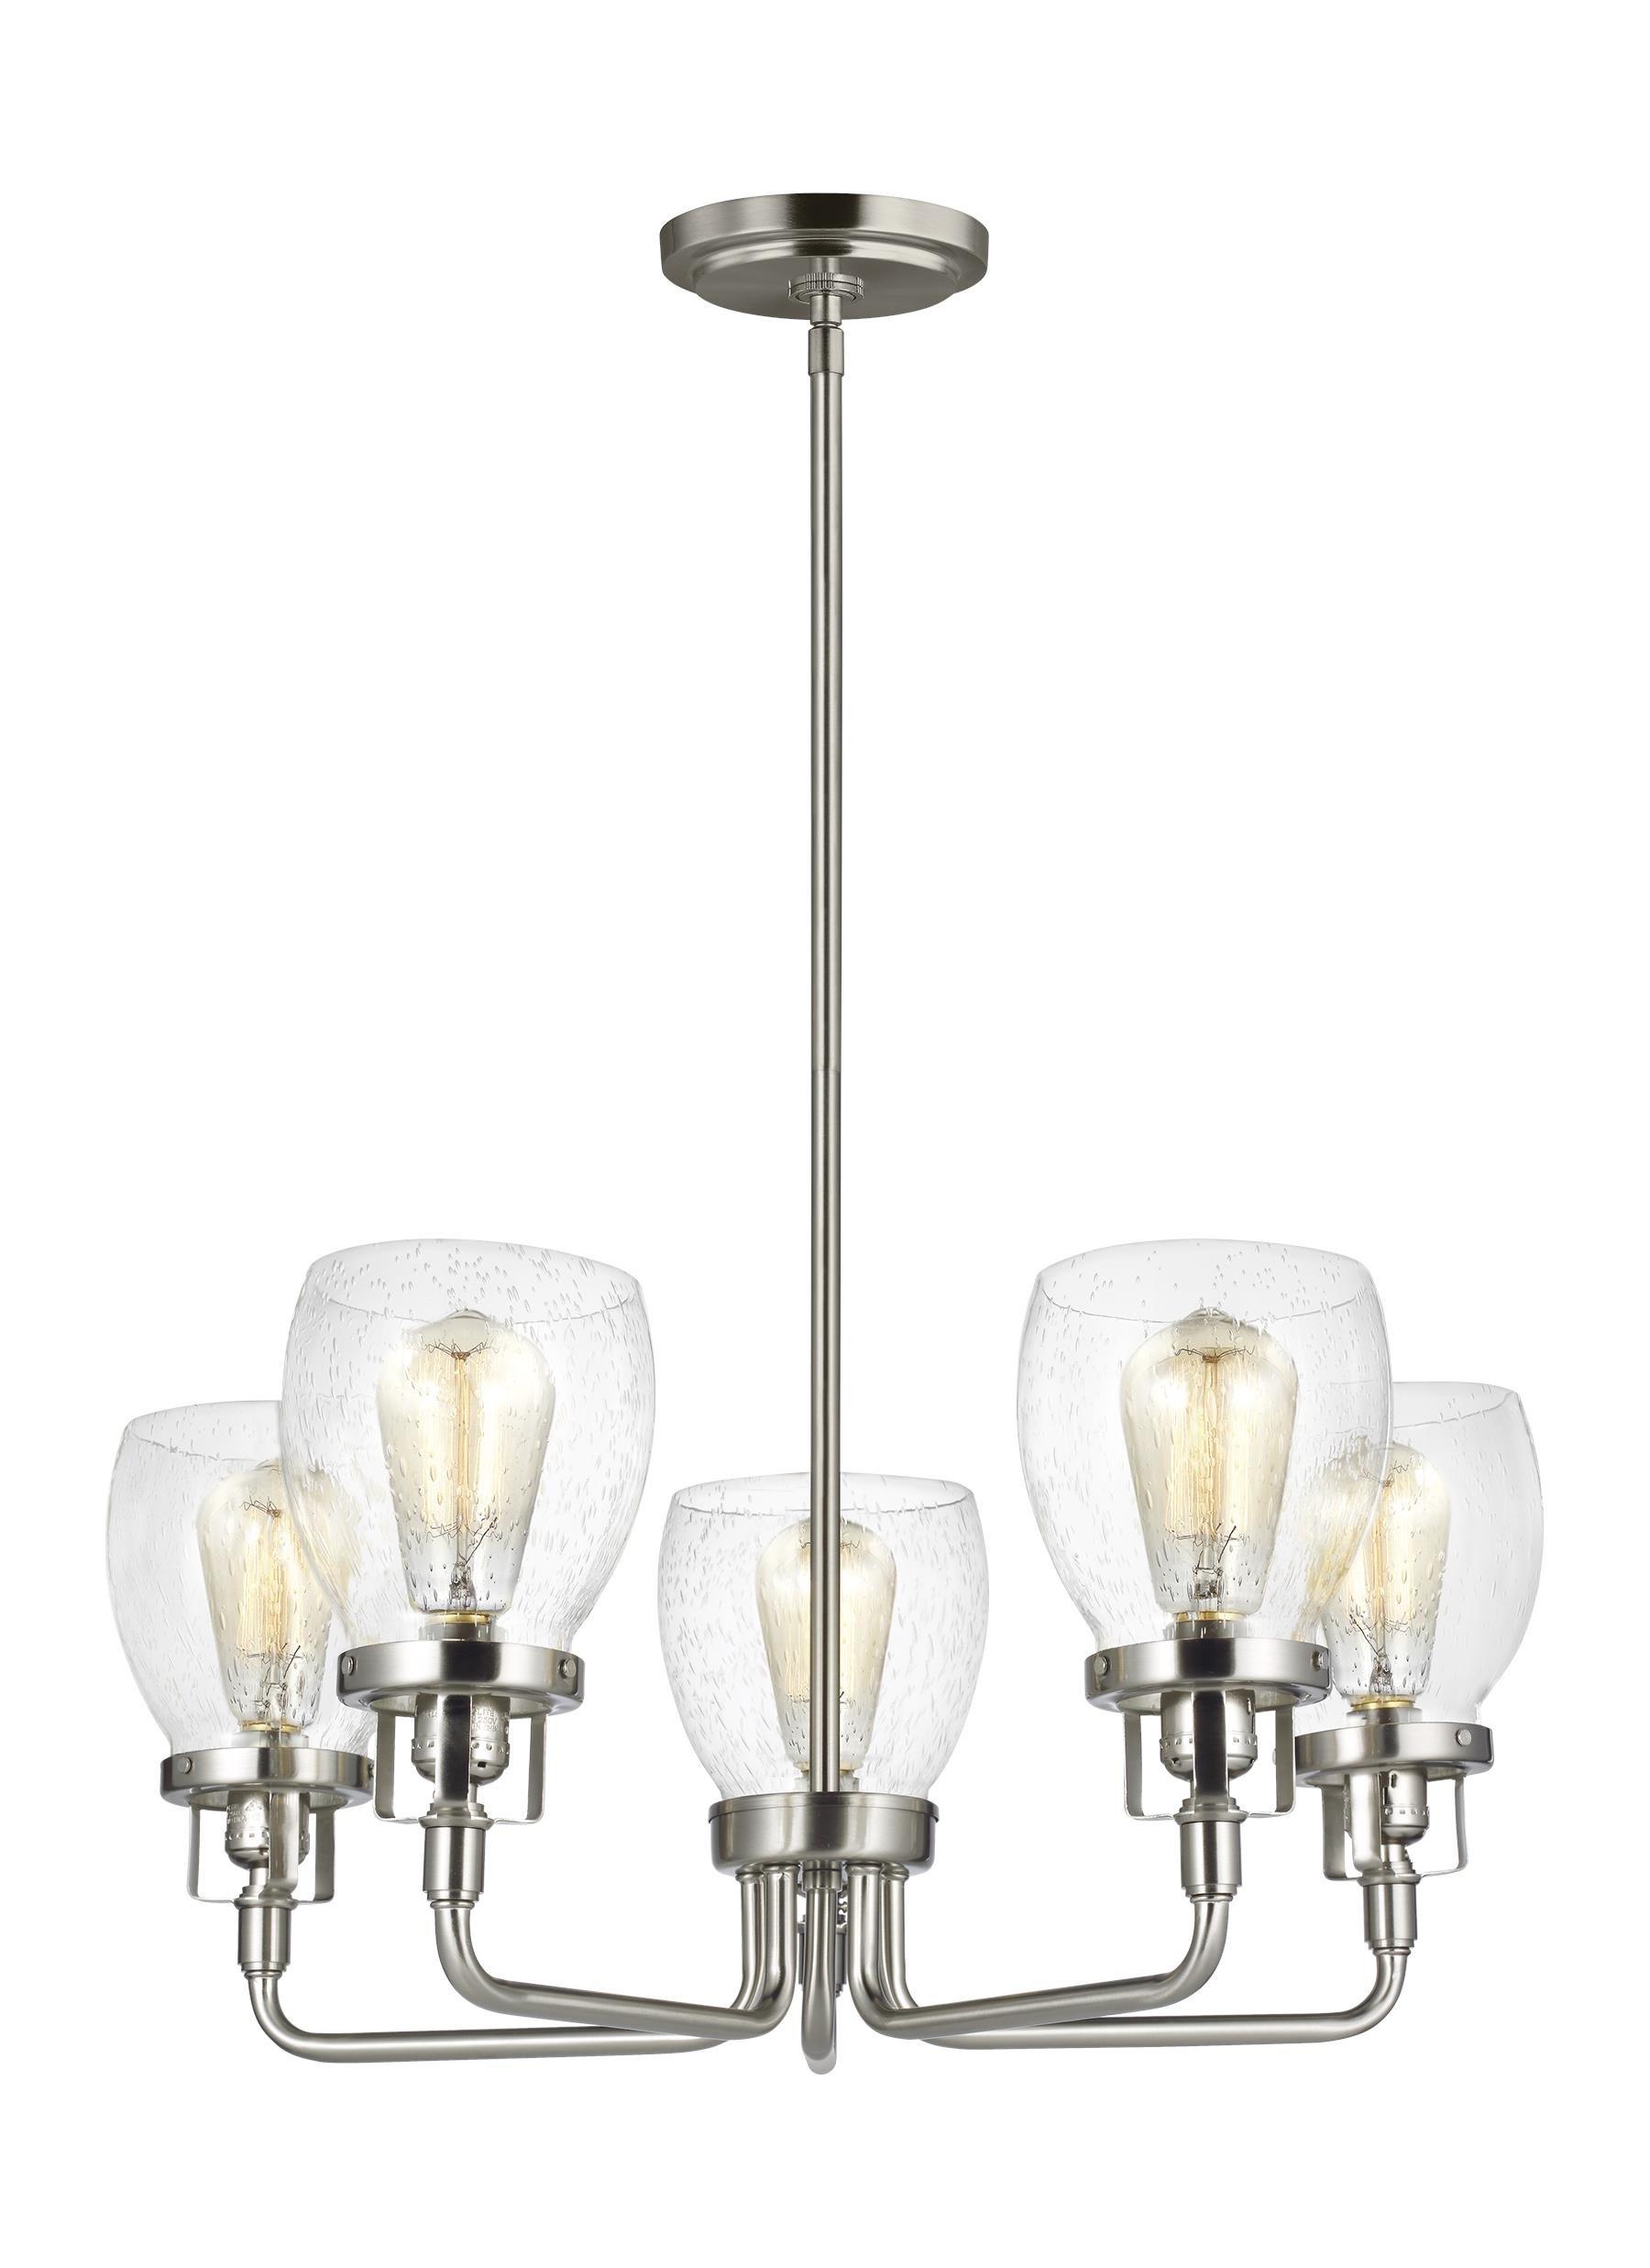 Vintage Industrial Lighting   Wayfair Throughout Akash Industrial Vintage 1 Light Geometric Pendants (Image 28 of 30)